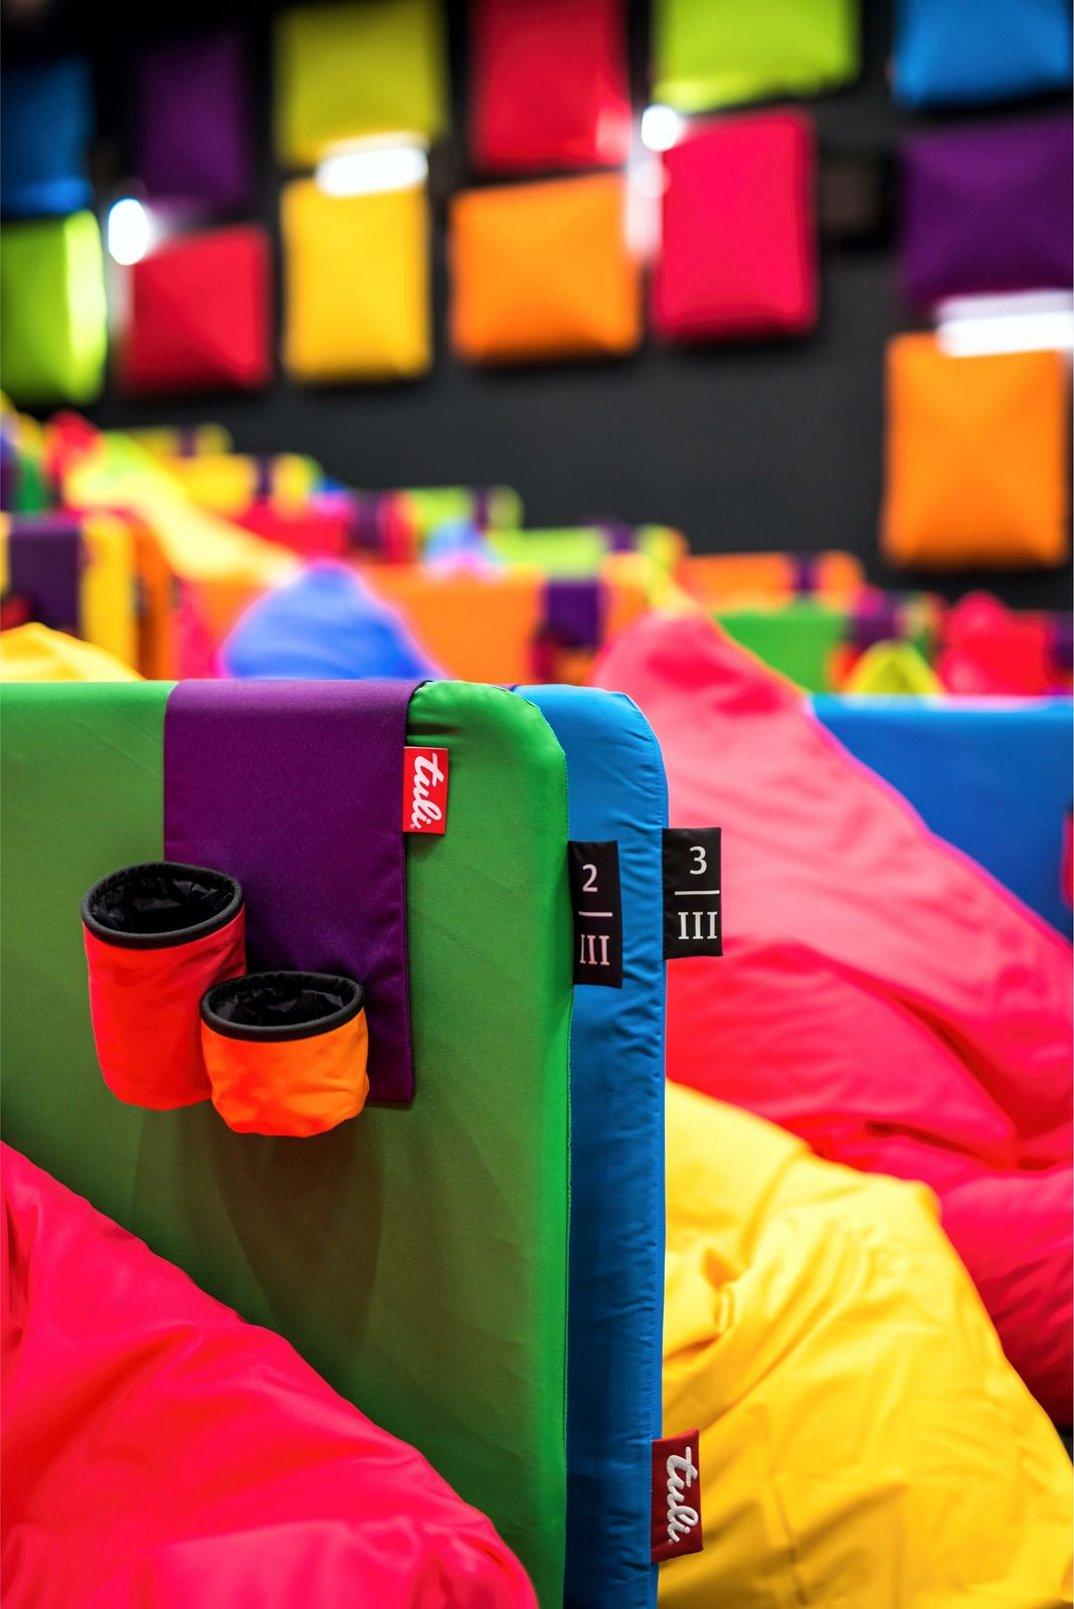 cinema-tulikino-design-originale-colorato-sacchi-tuli-slovacchia-michal-stasko-09